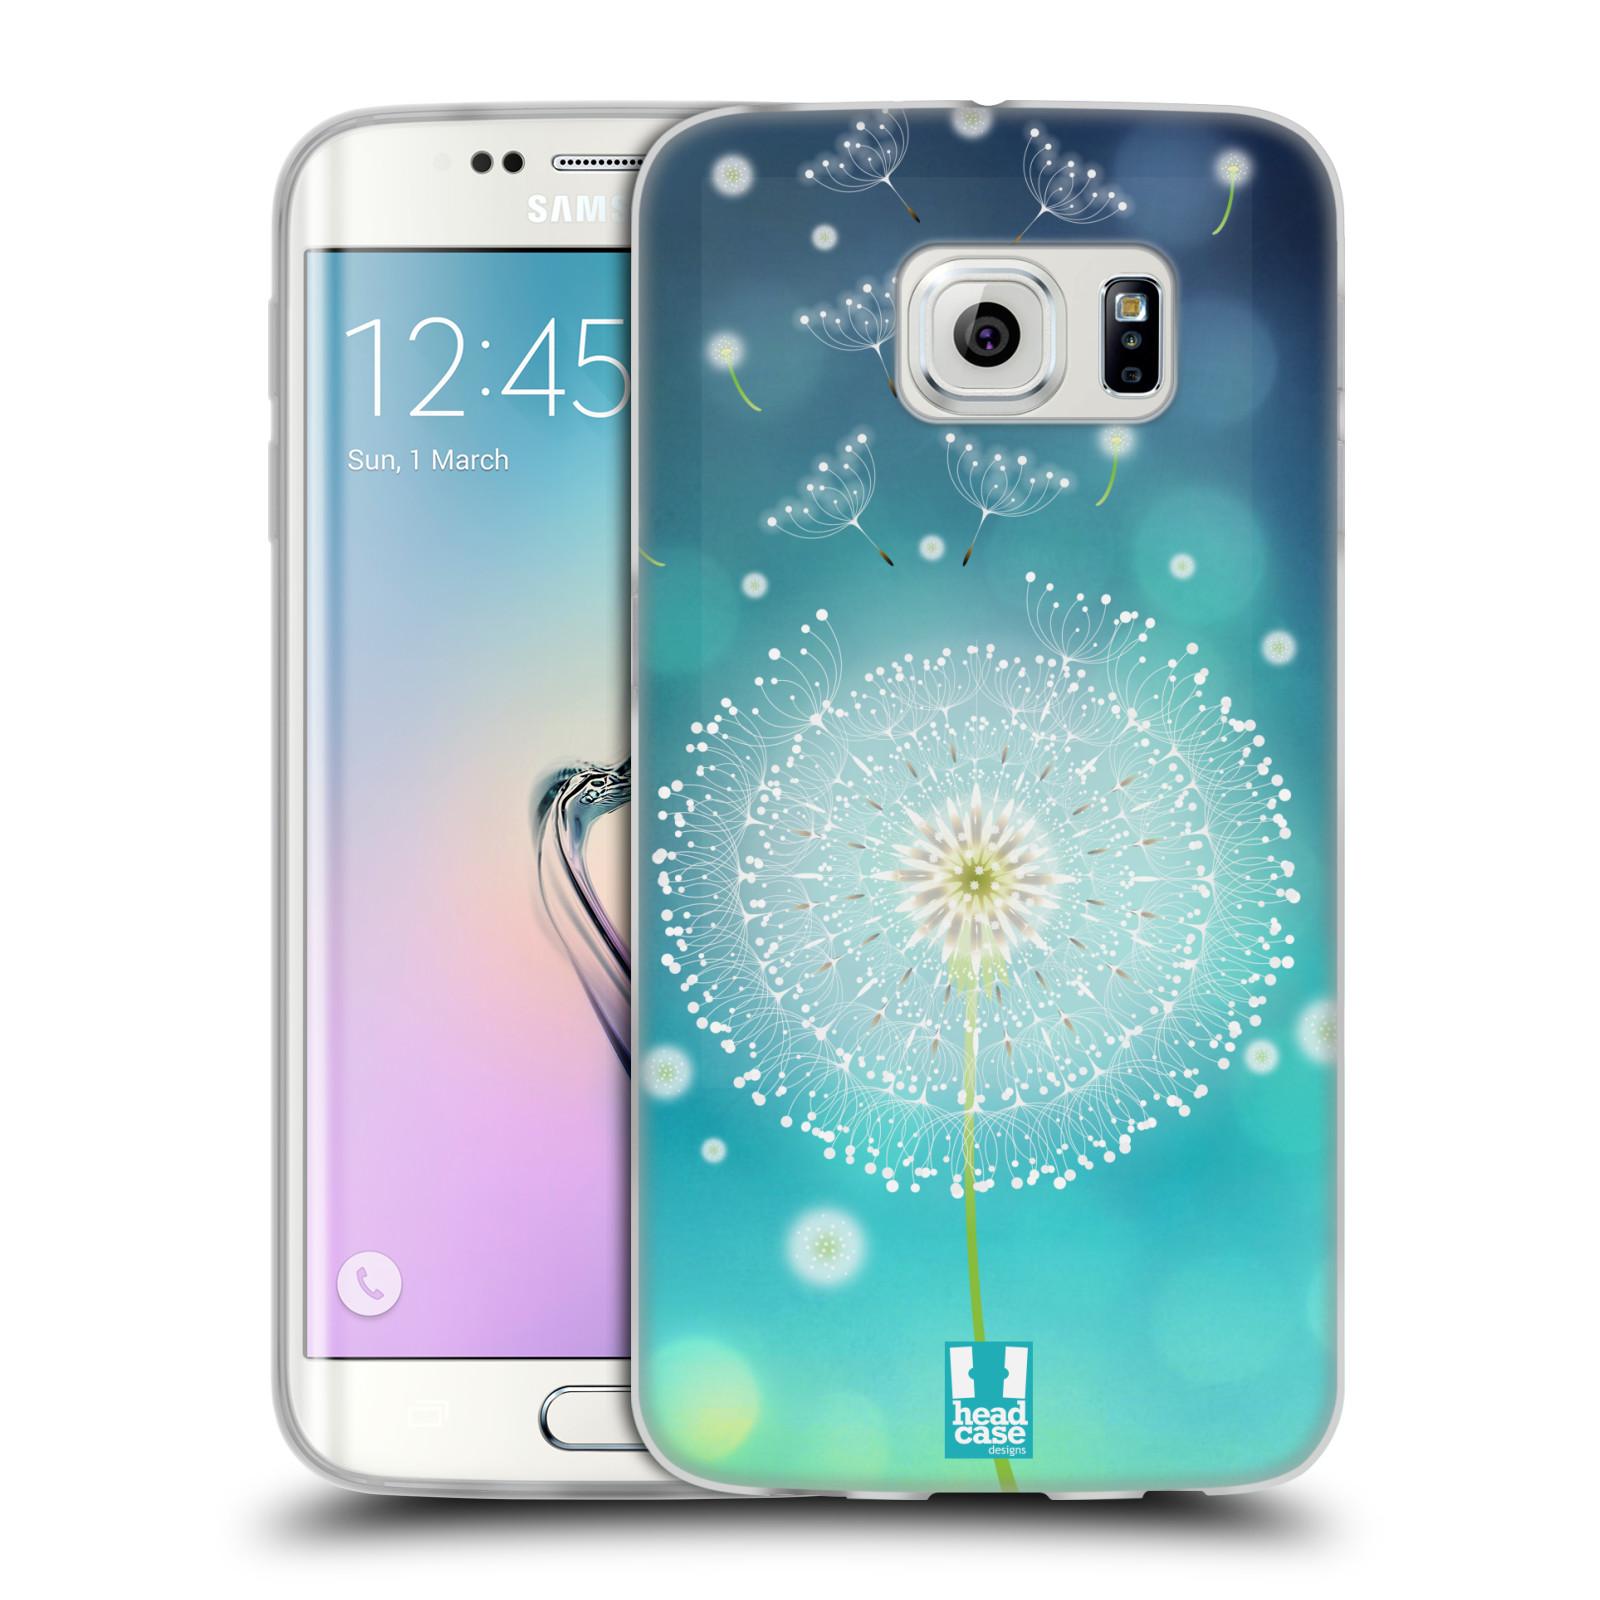 Silikonové pouzdro na mobil Samsung Galaxy S6 Edge HEAD CASE Rozlétaná pampeliška (Silikonový kryt či obal na mobilní telefon Samsung Galaxy S6 Edge SM-G925F)